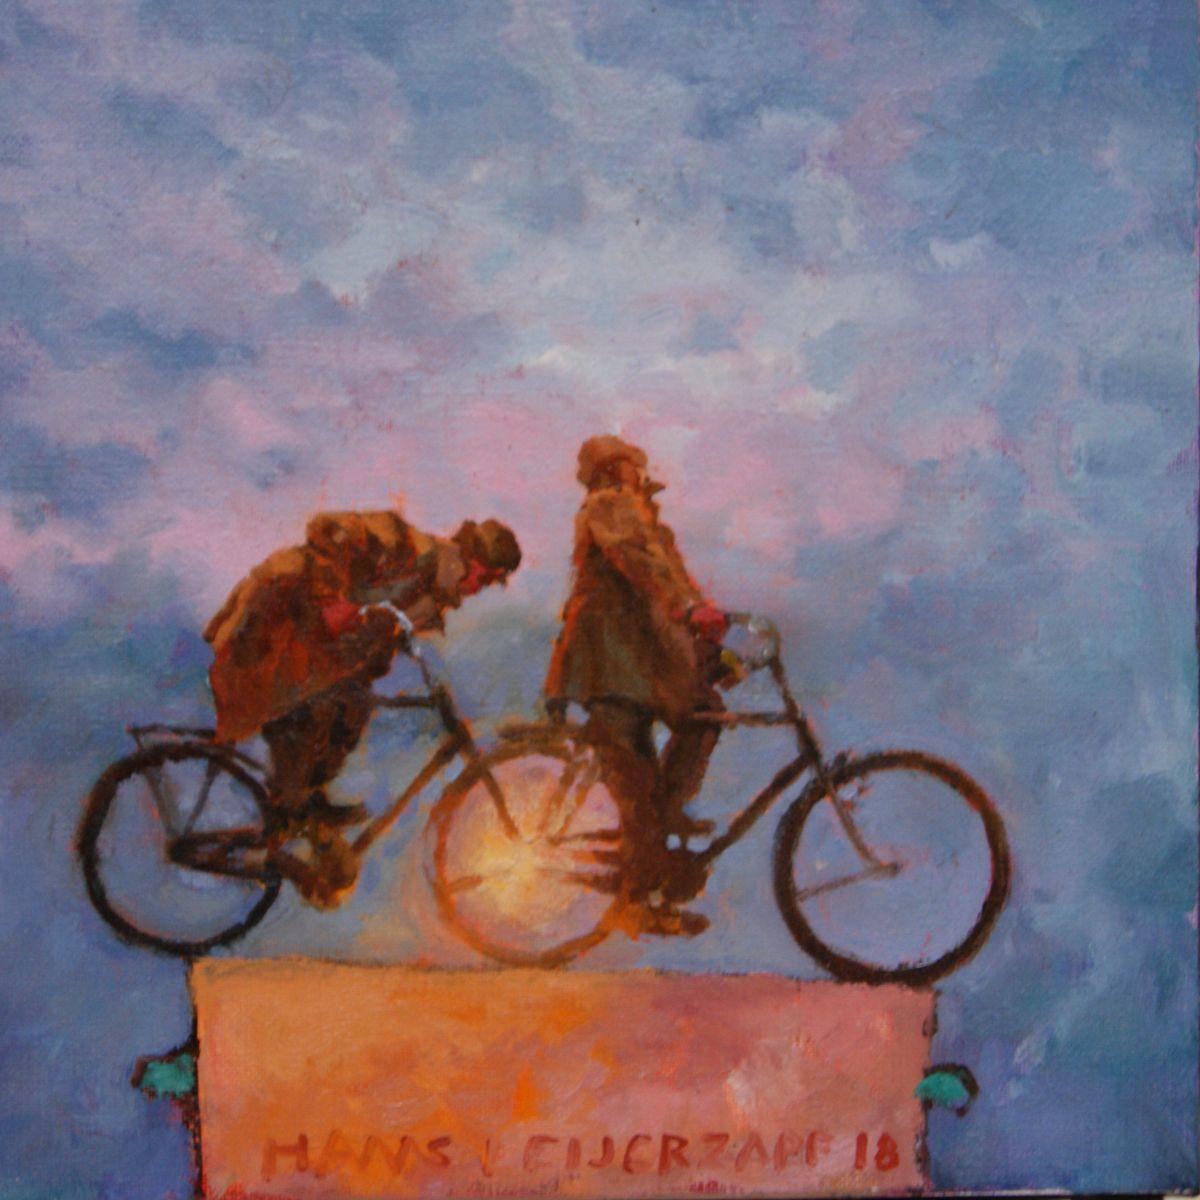 Kunst: Ergens naartoe van kunstenaar Hans Leijerzapf